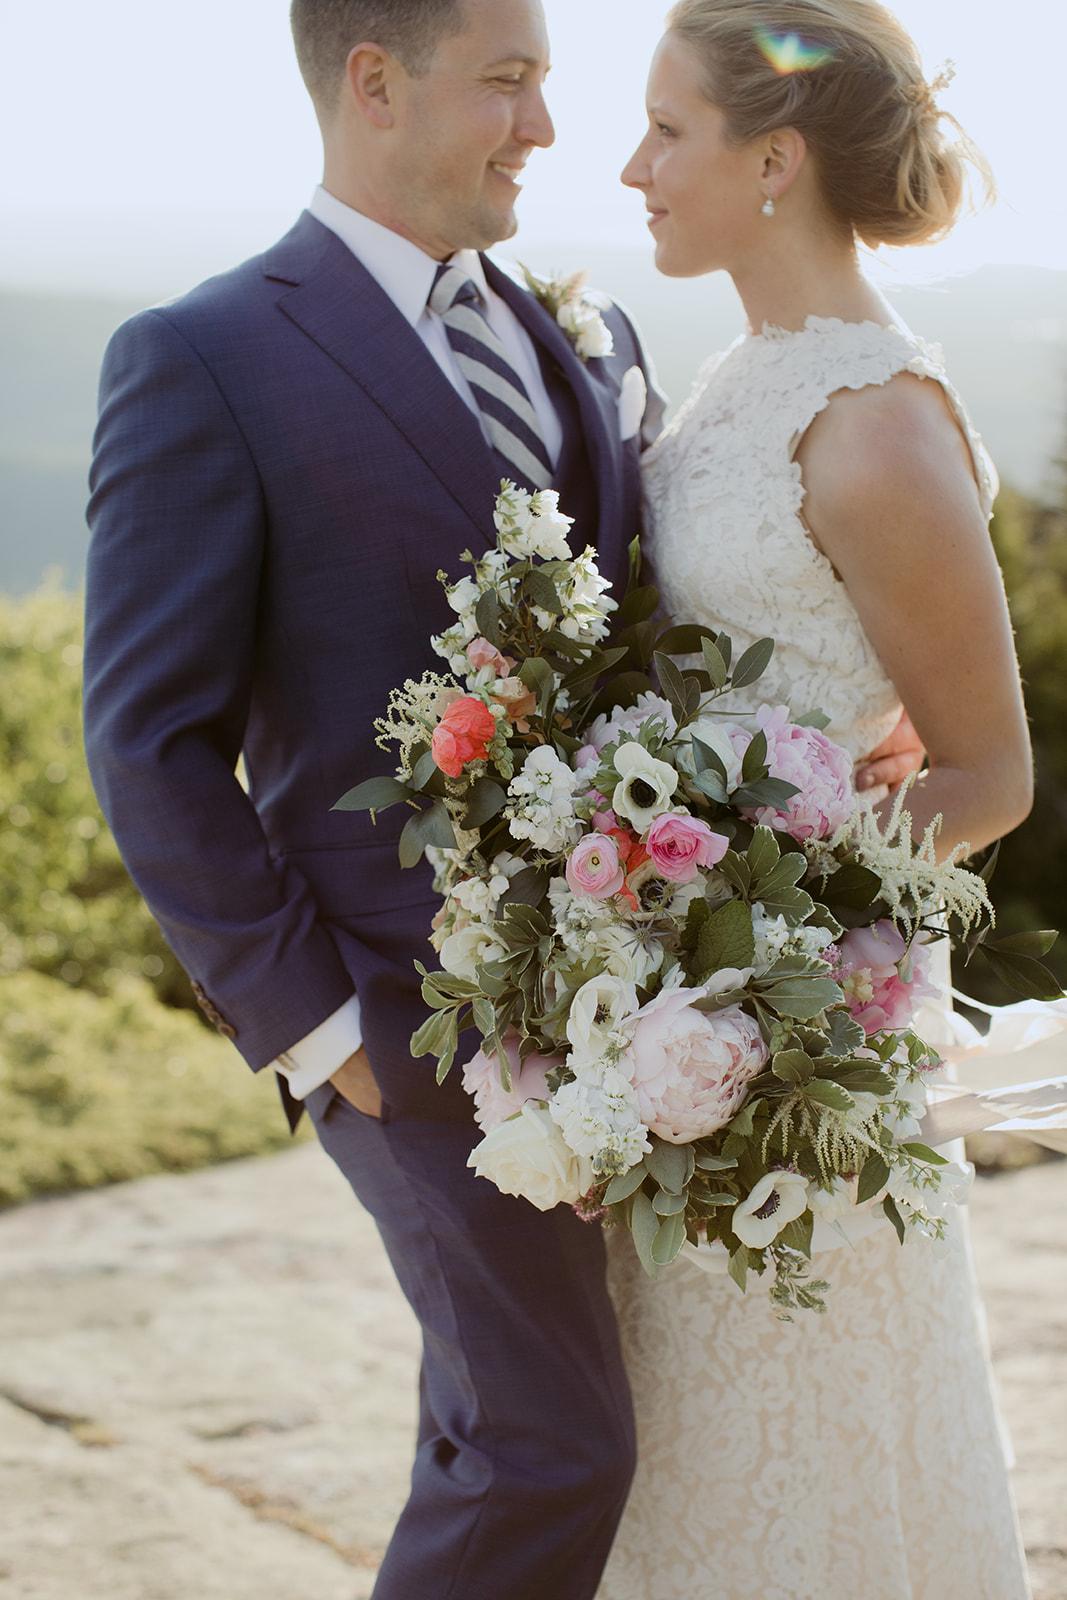 Watershed_Floral_Acadia_Maine_Wedding_Florist__Acadia_344.jpg